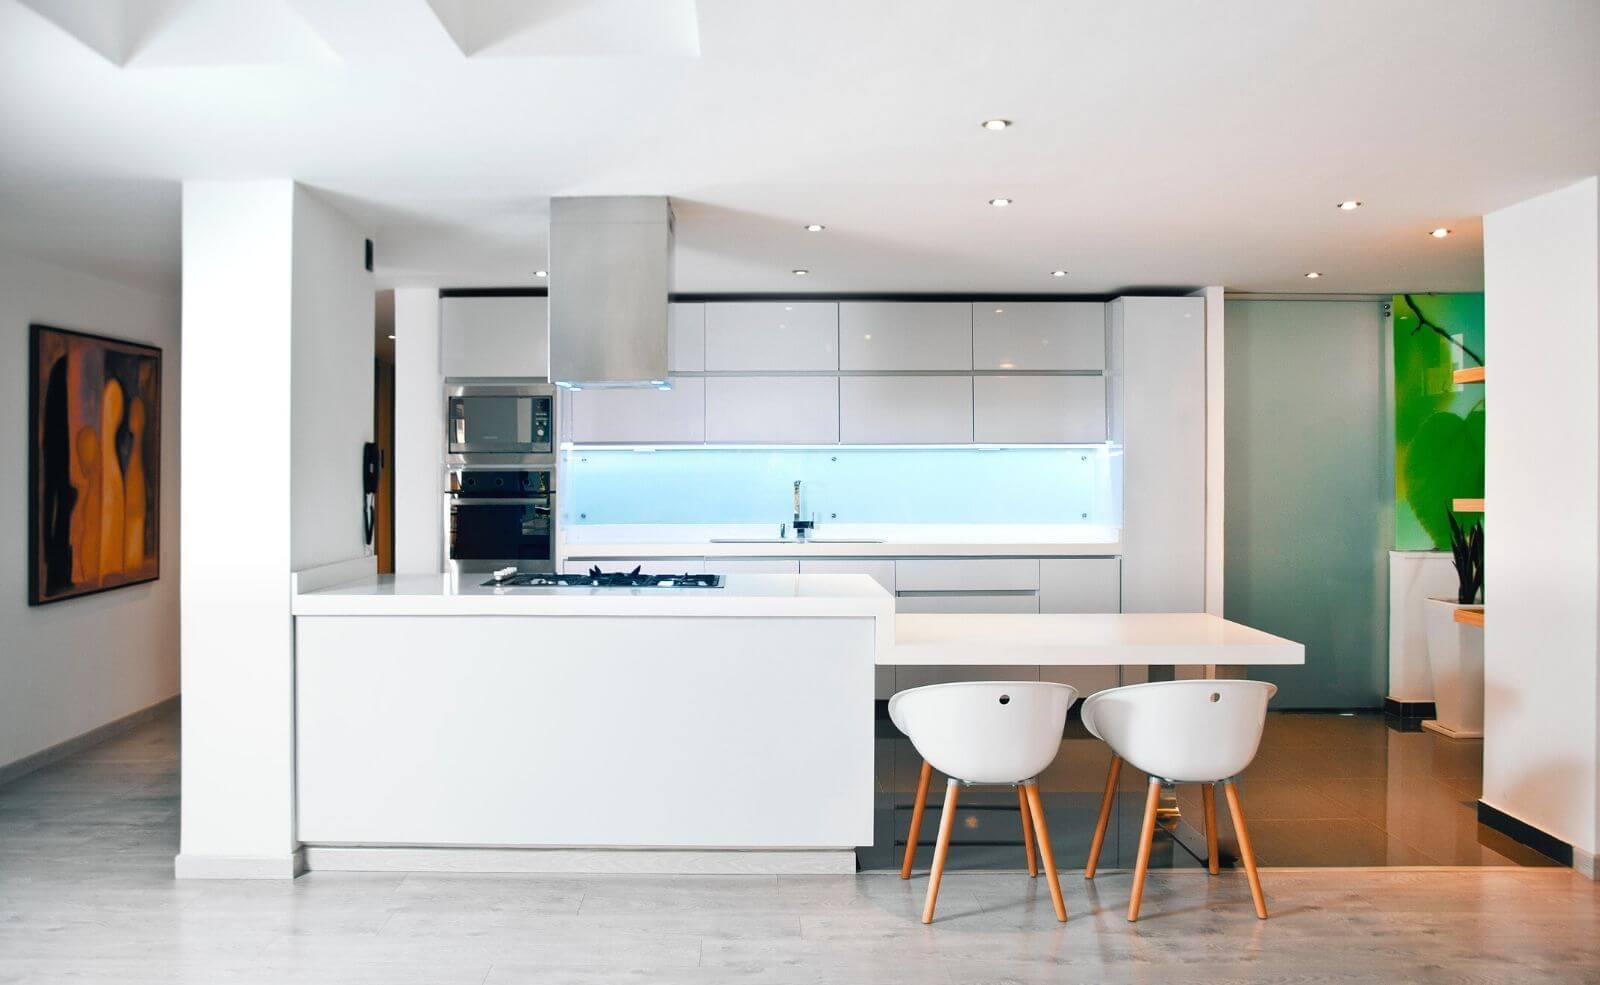 Stauraum optimal nutzen: Tipps für mehr Platz in der Küche